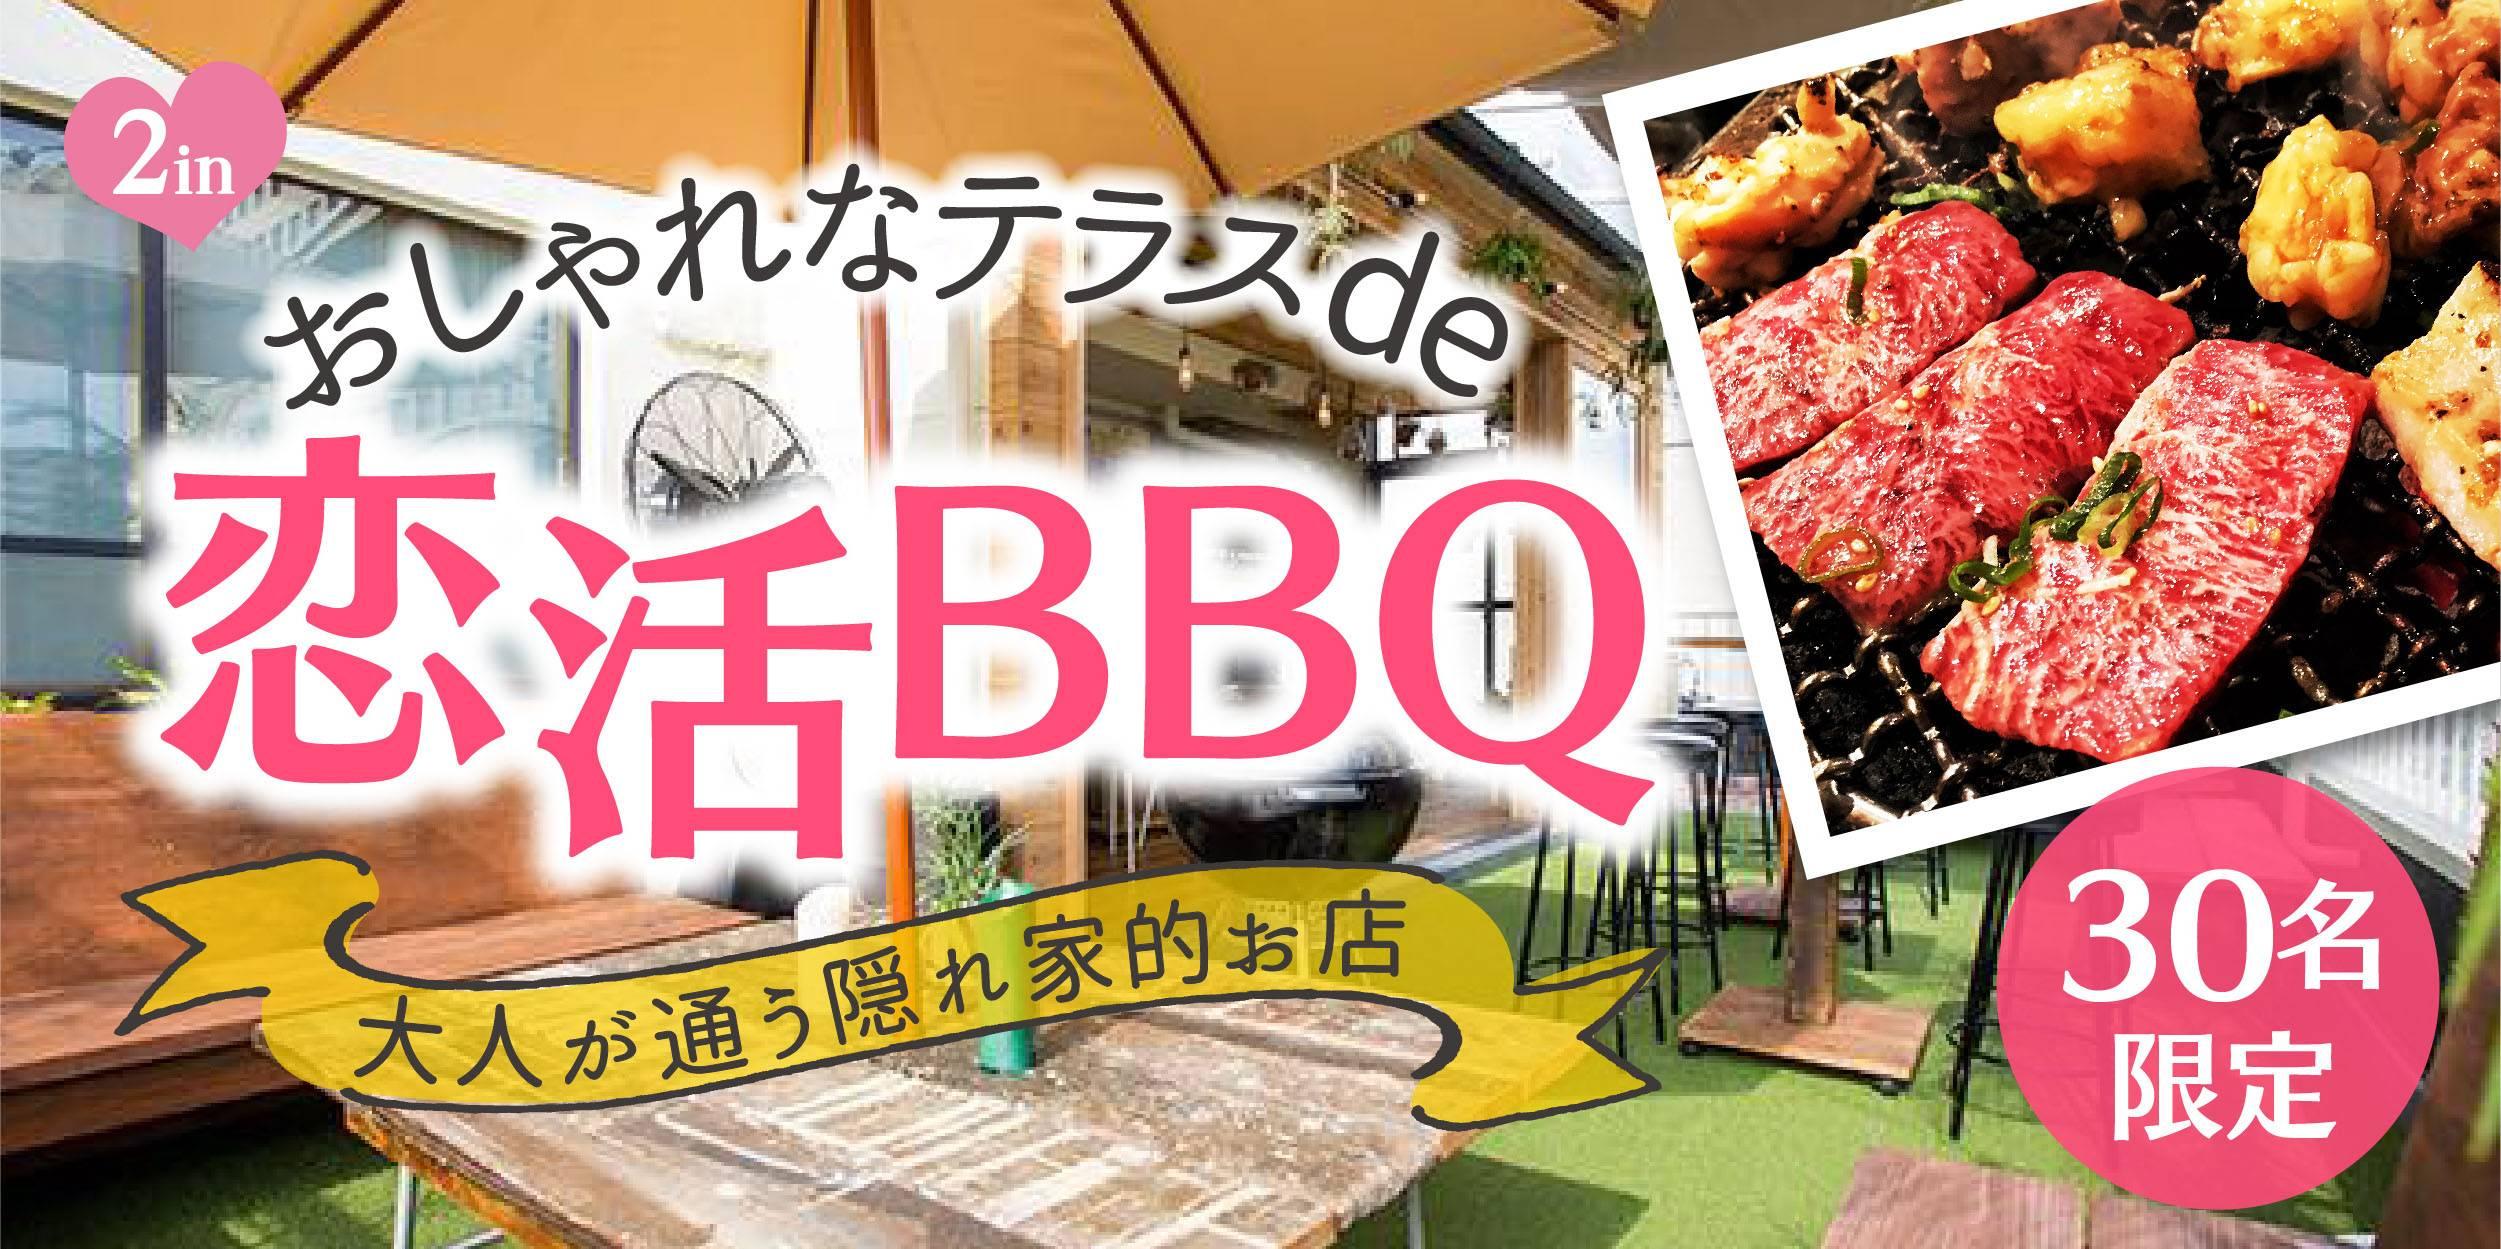 【表町・田町の恋活パーティー】合同会社ツイン主催 2017年6月11日